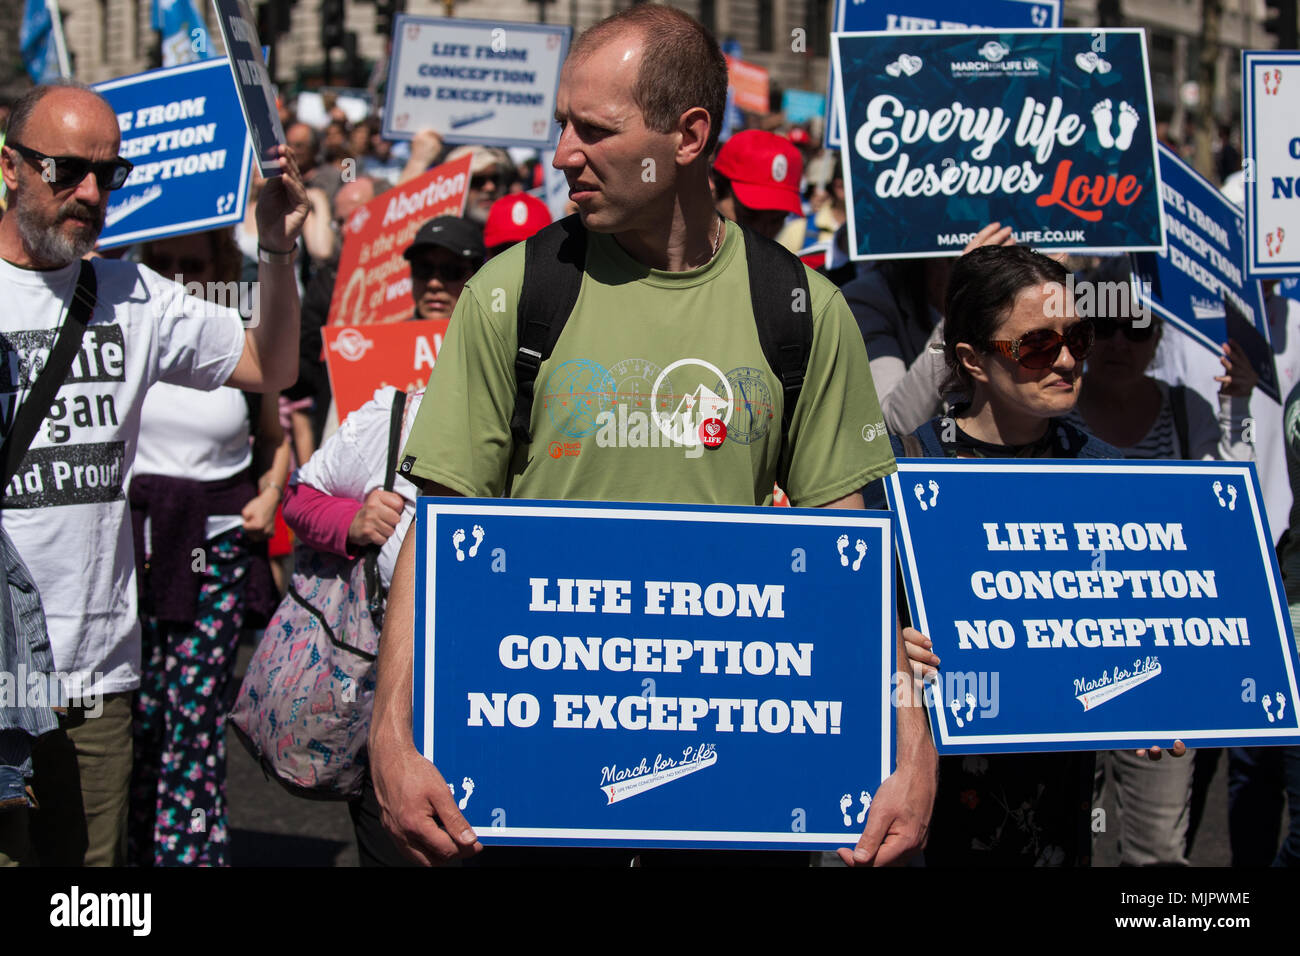 Londres, Reino Unido. 5 de mayo, 2018. Pro-condenados participar en la primera marcha por la vida en el Reino Unido a través del centro de Londres. Crédito: Mark Kerrison/Alamy Live News Foto de stock